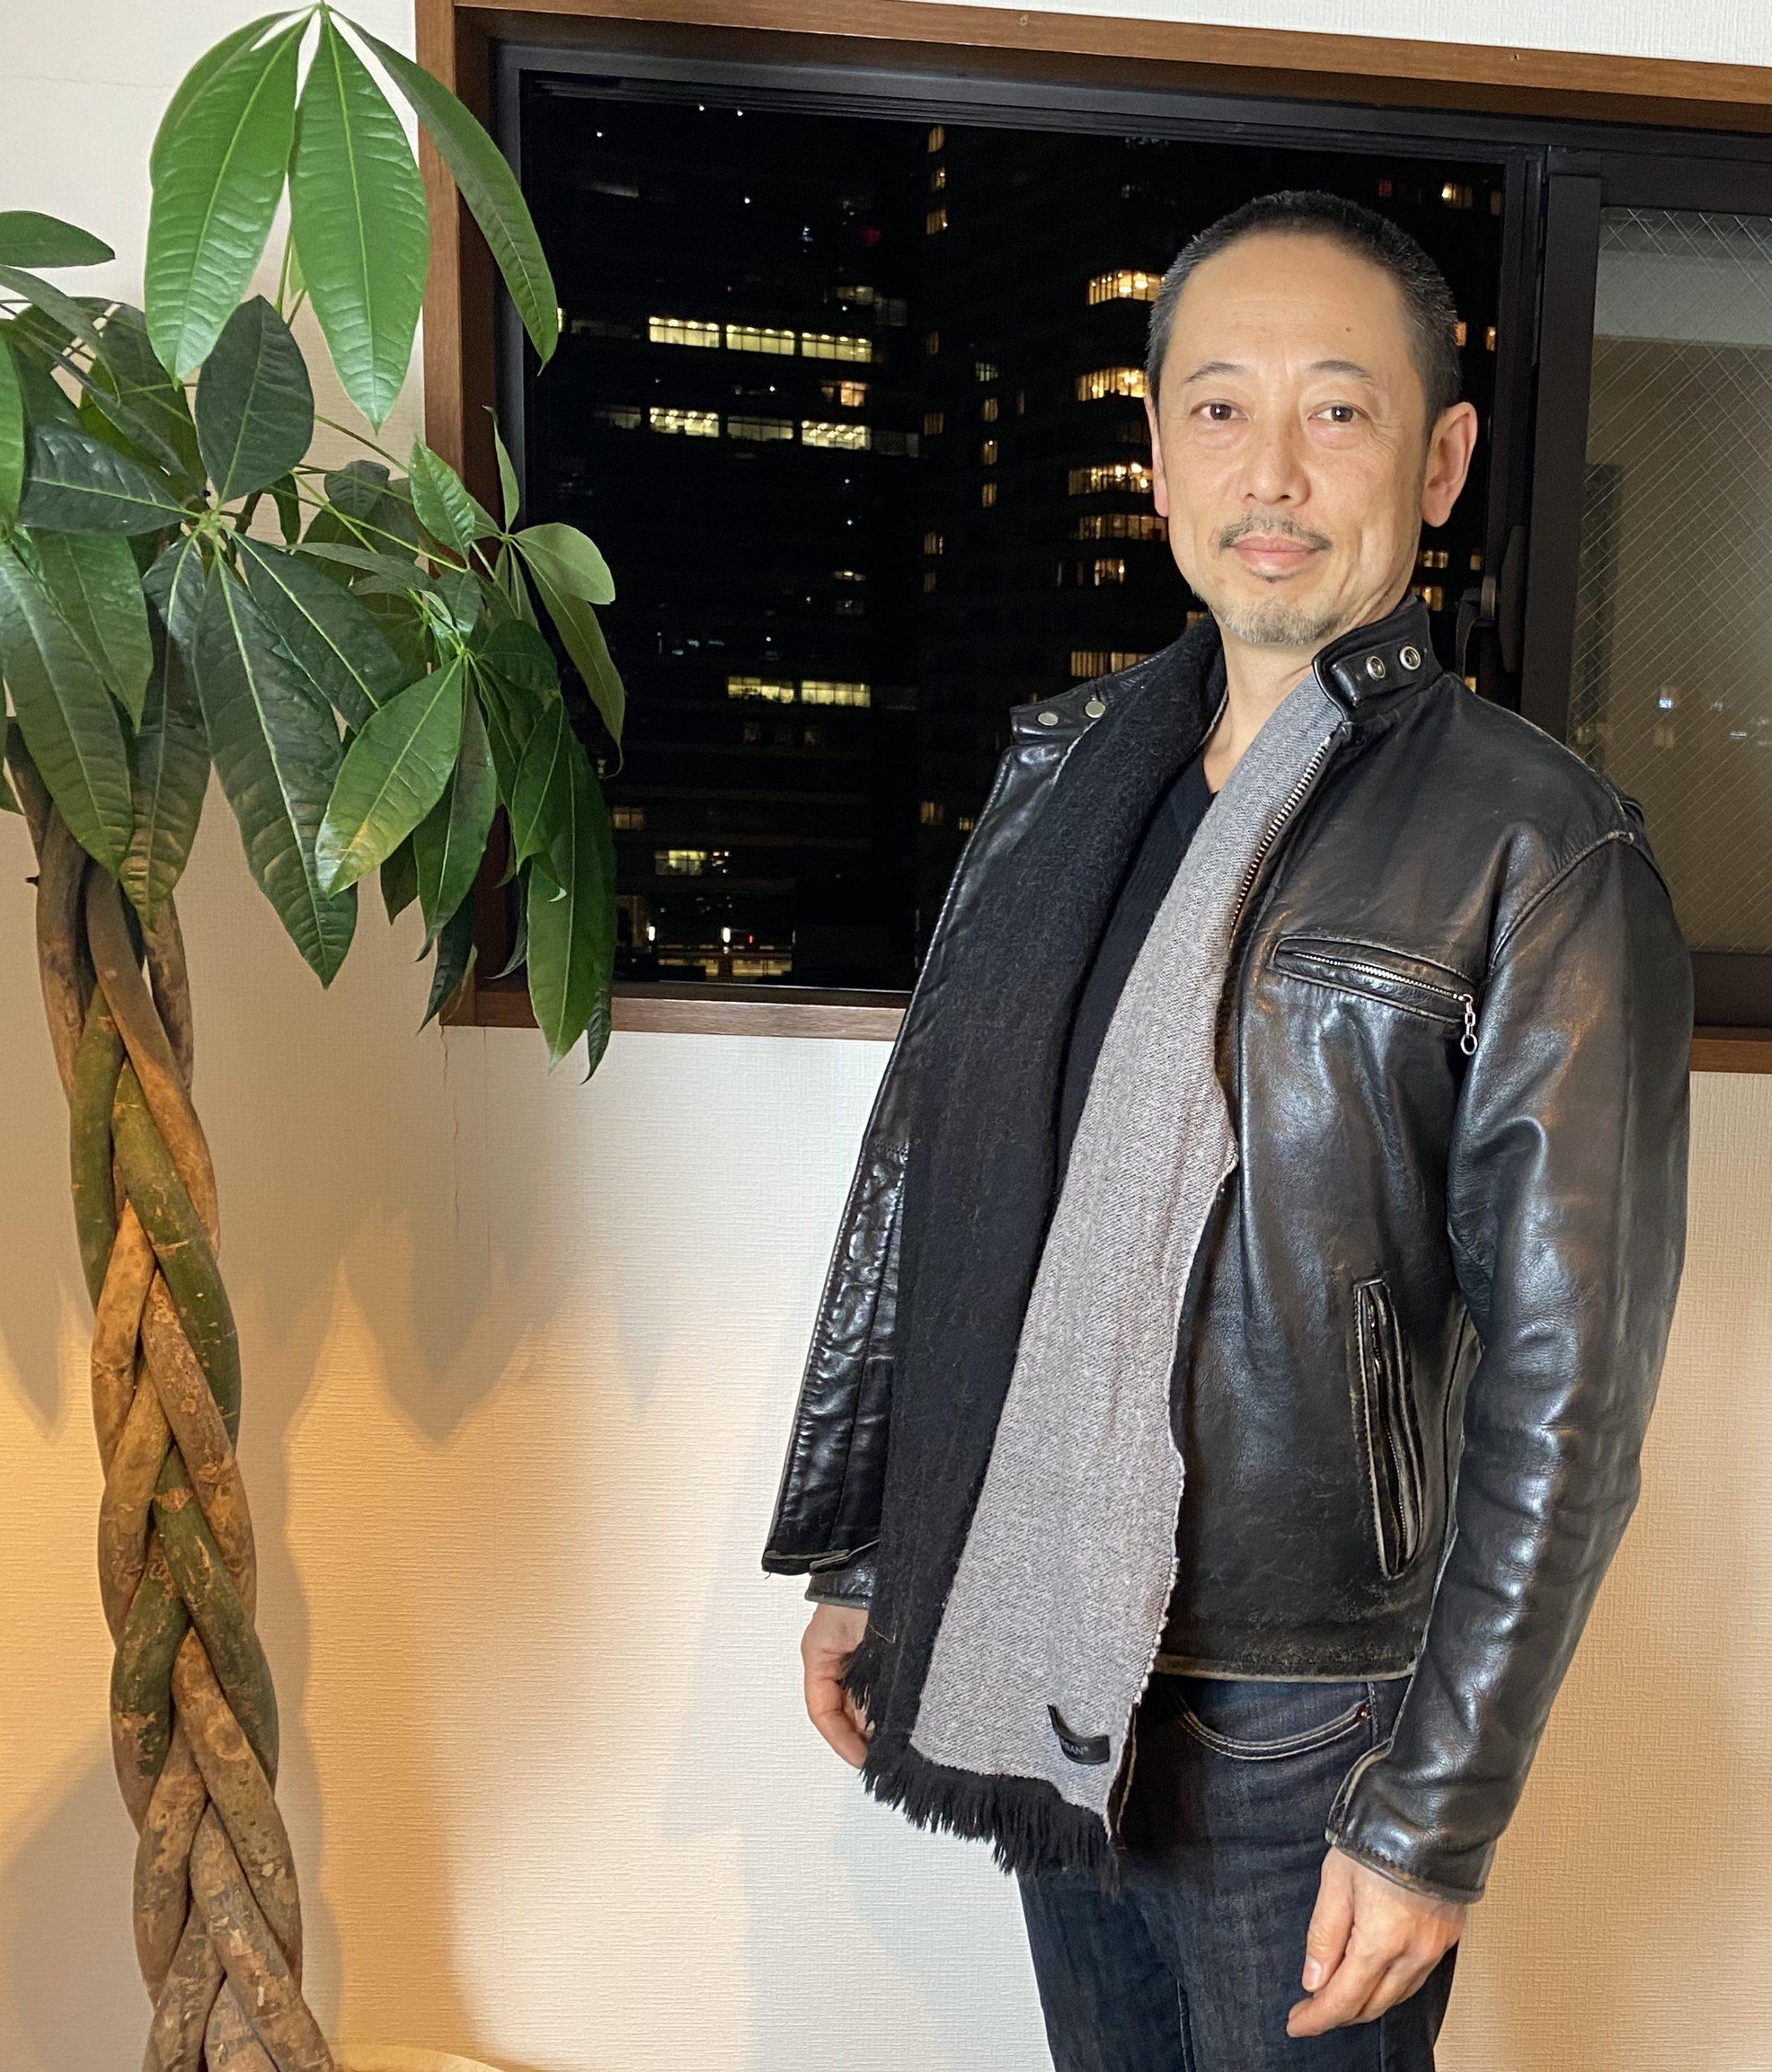 K.T 様 (50代)|飲食店オーナー